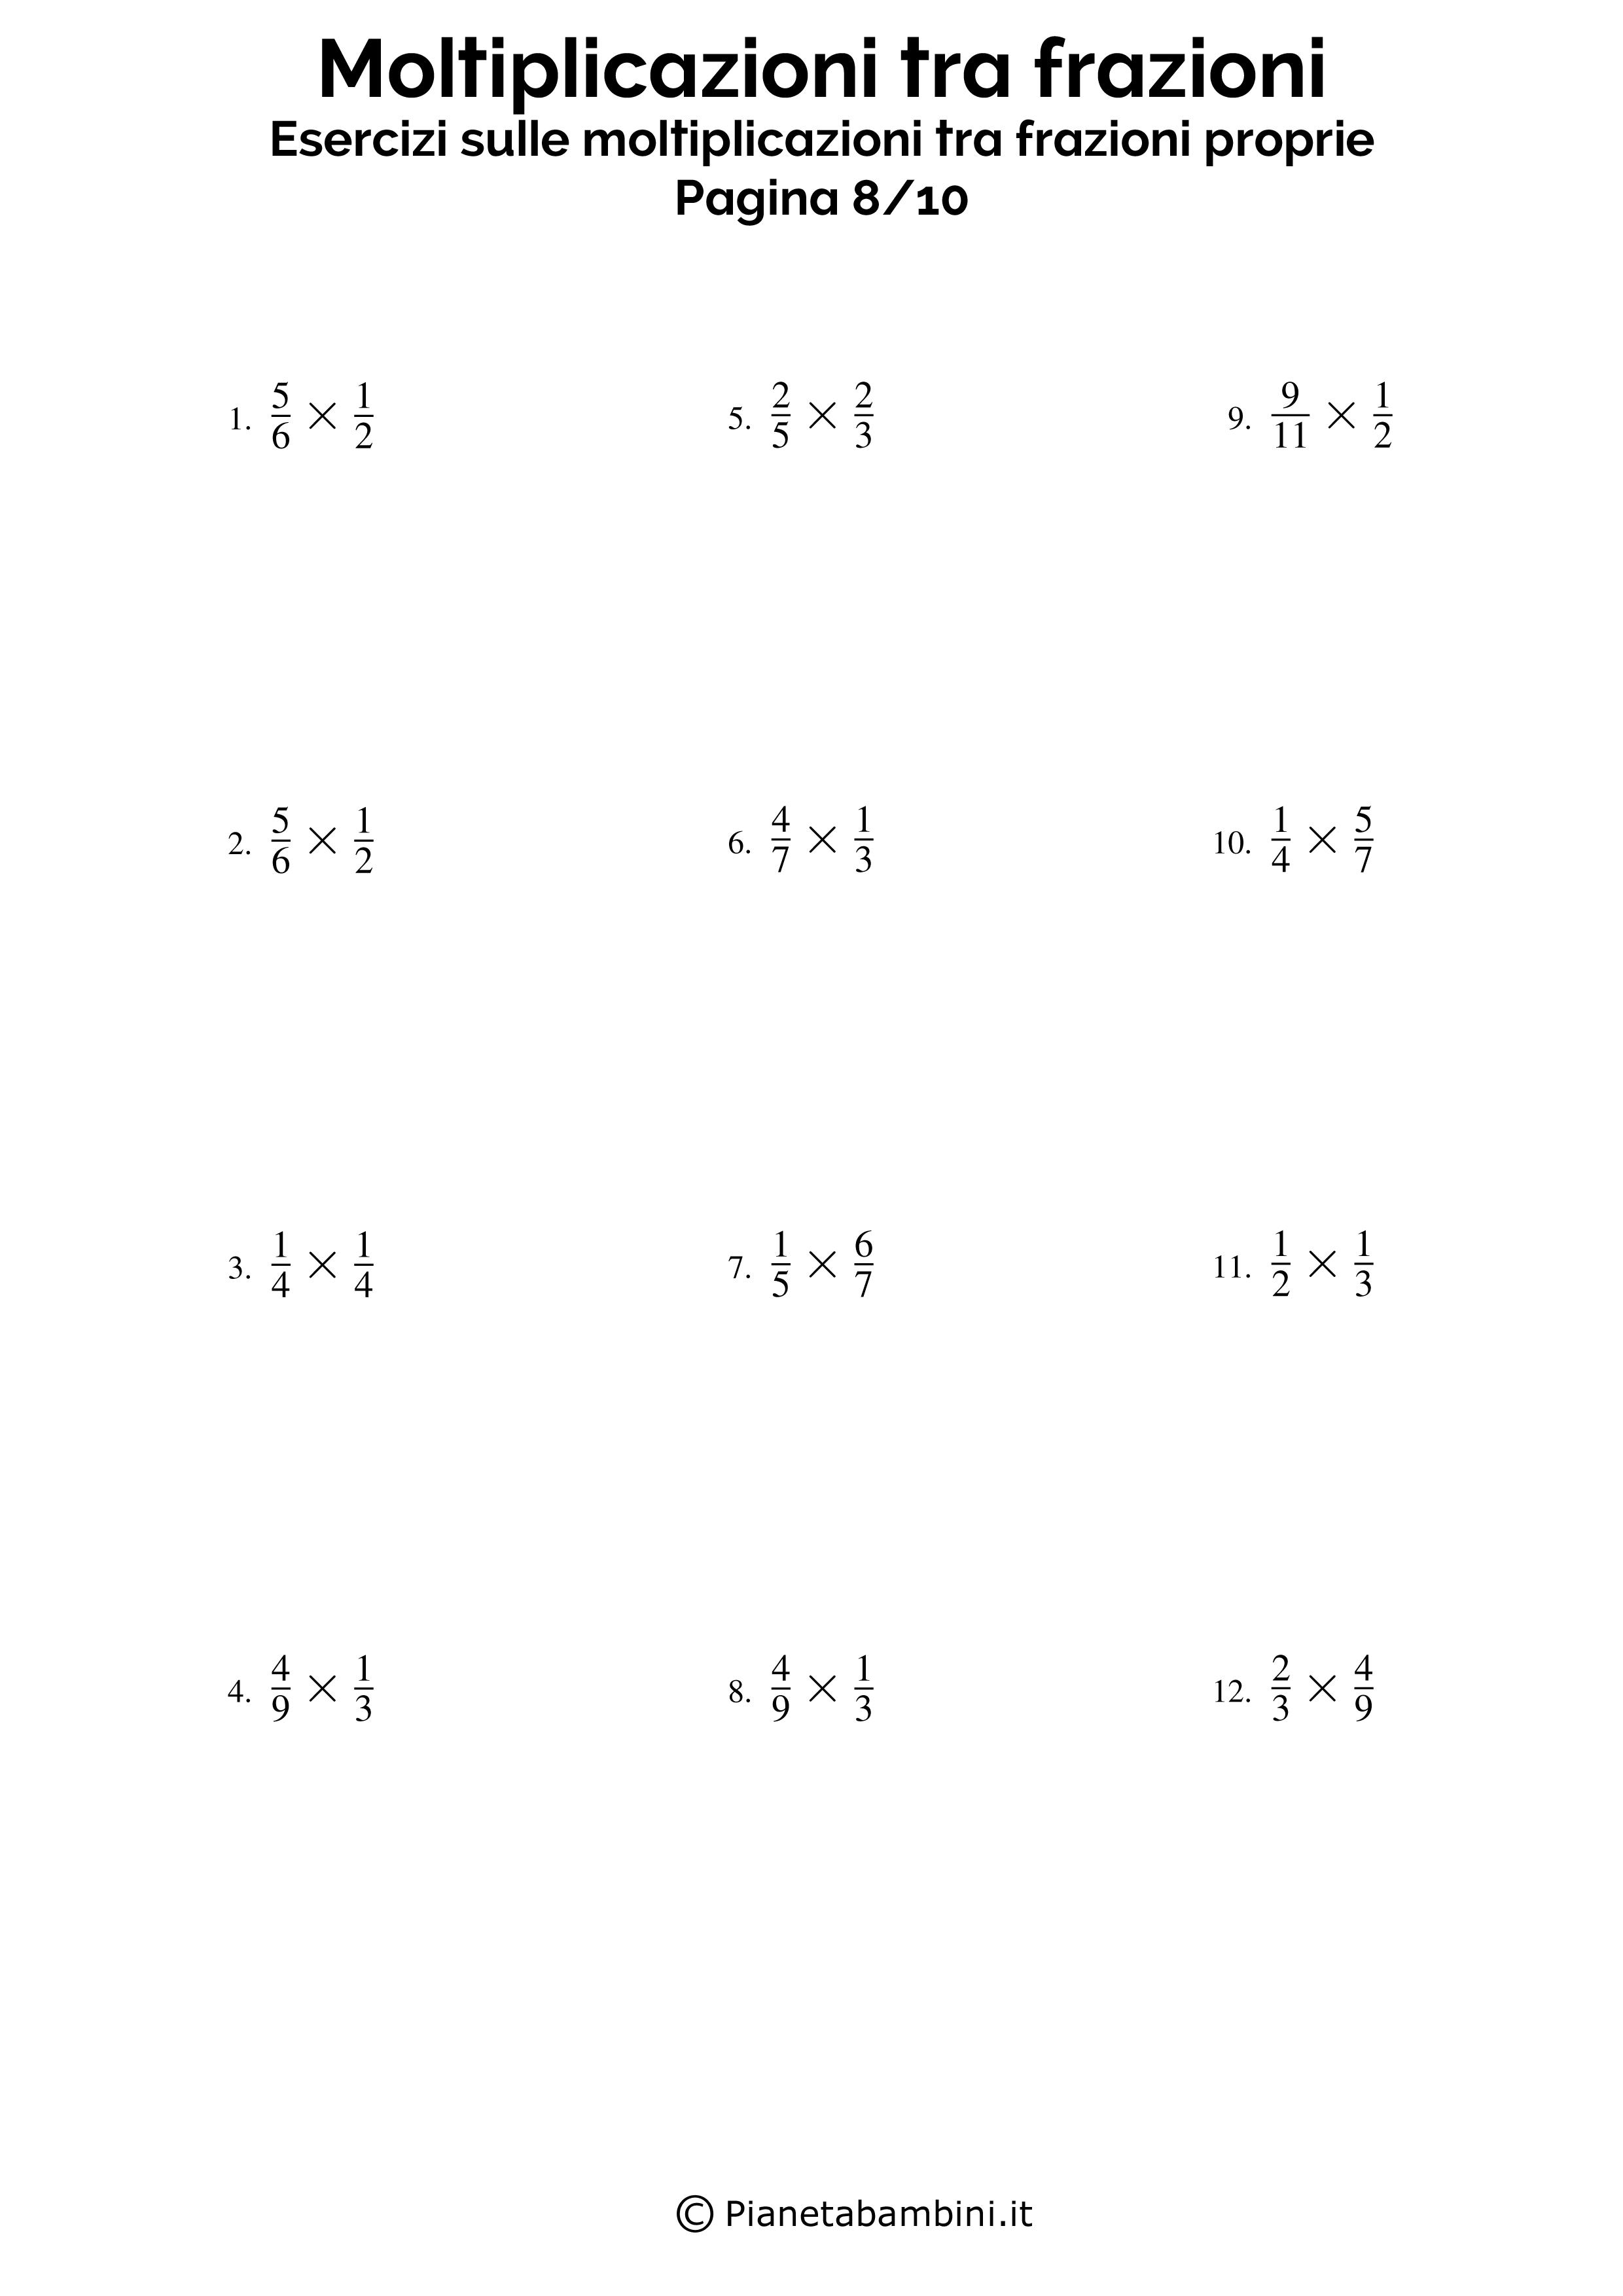 Moltiplicazioni-Frazioni-Proprie_08